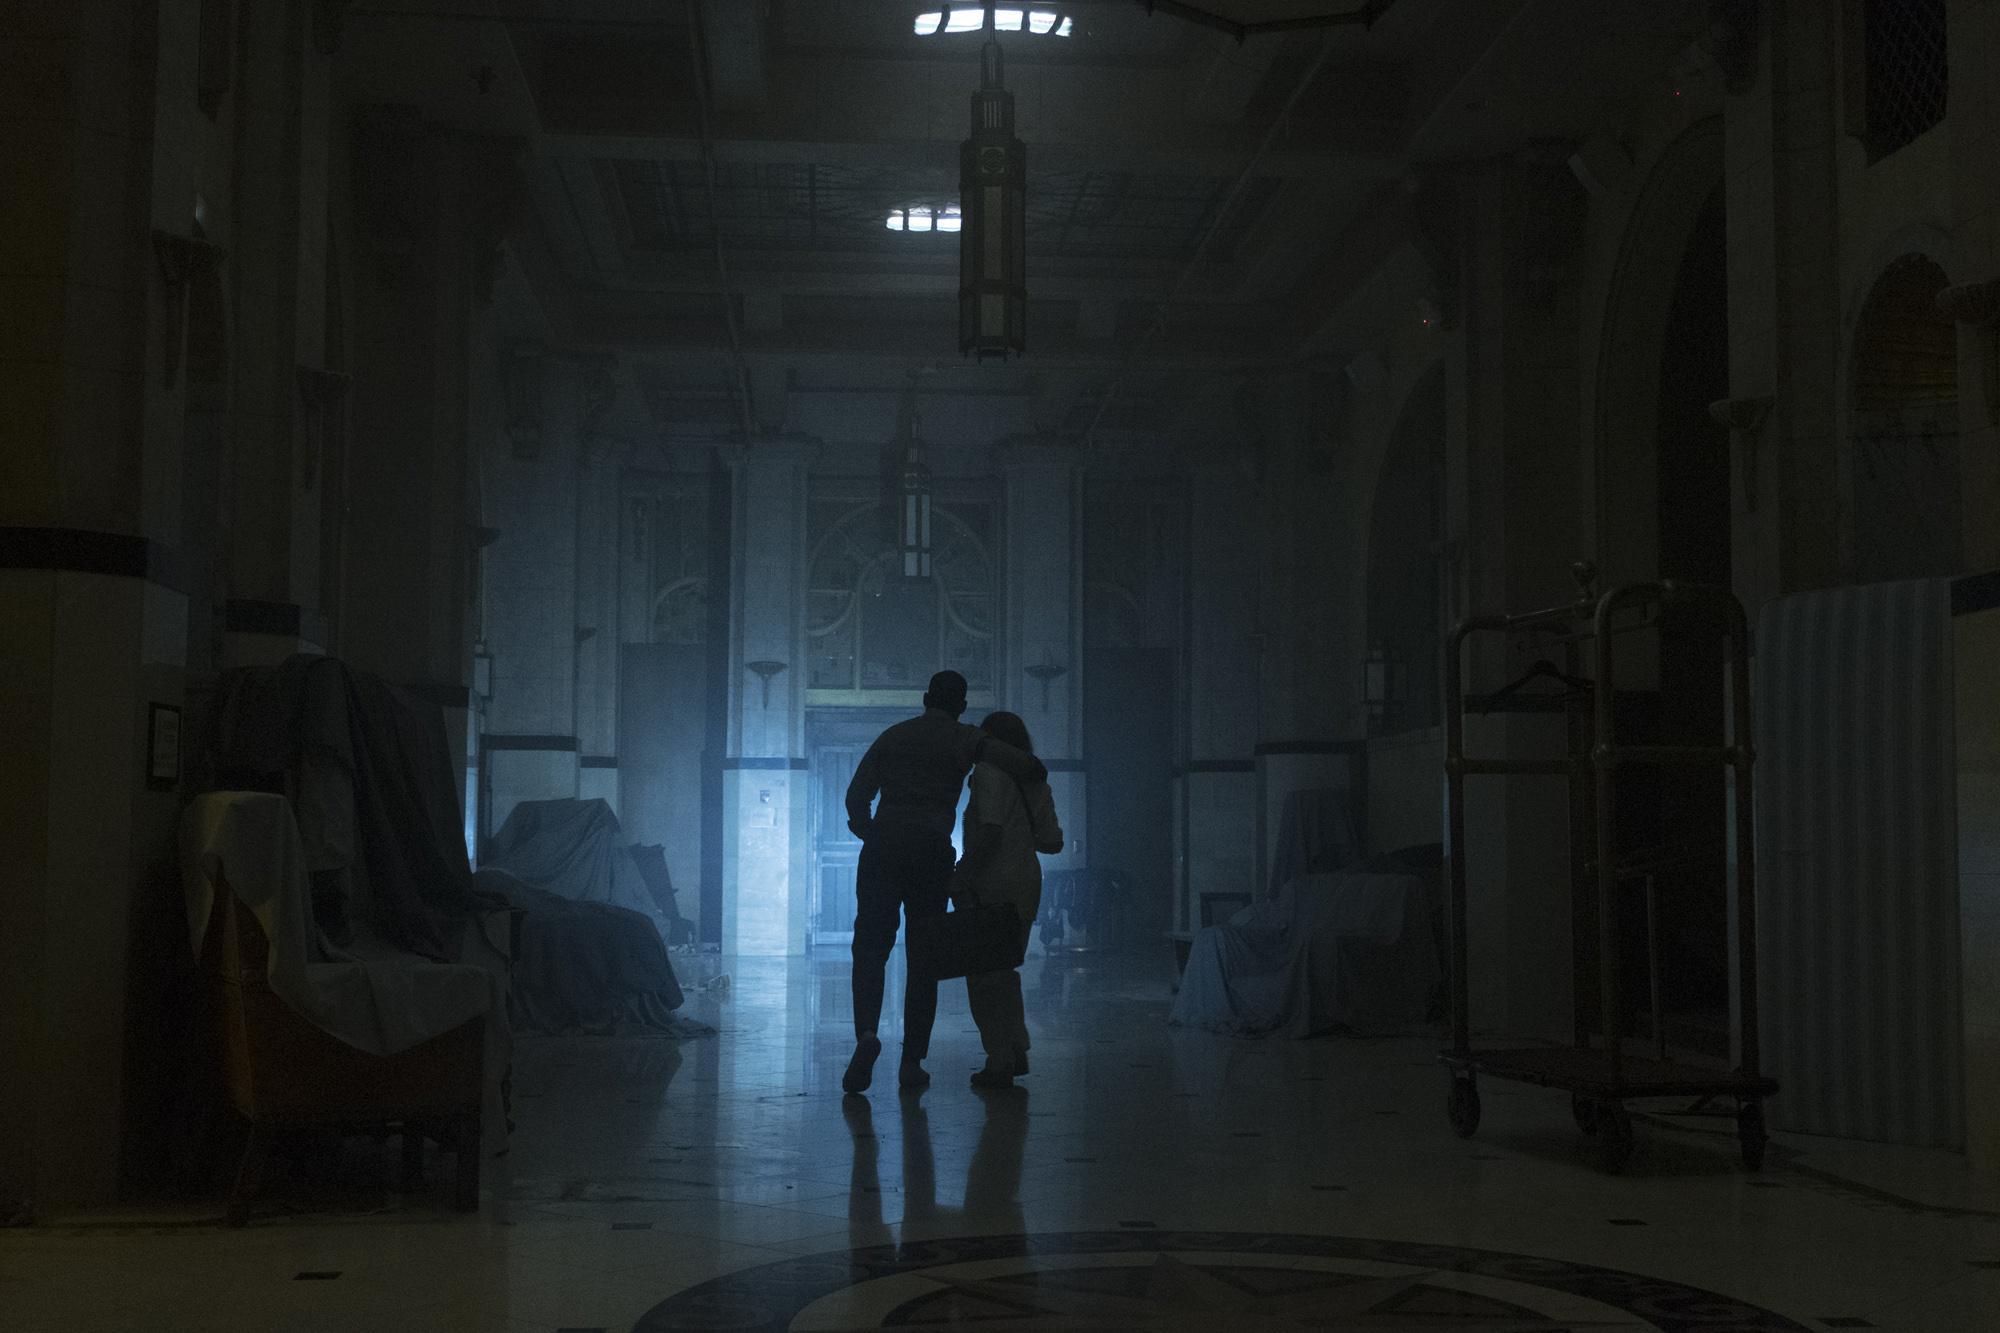 світлини із фильма Фільм - Готель «Артеміда»